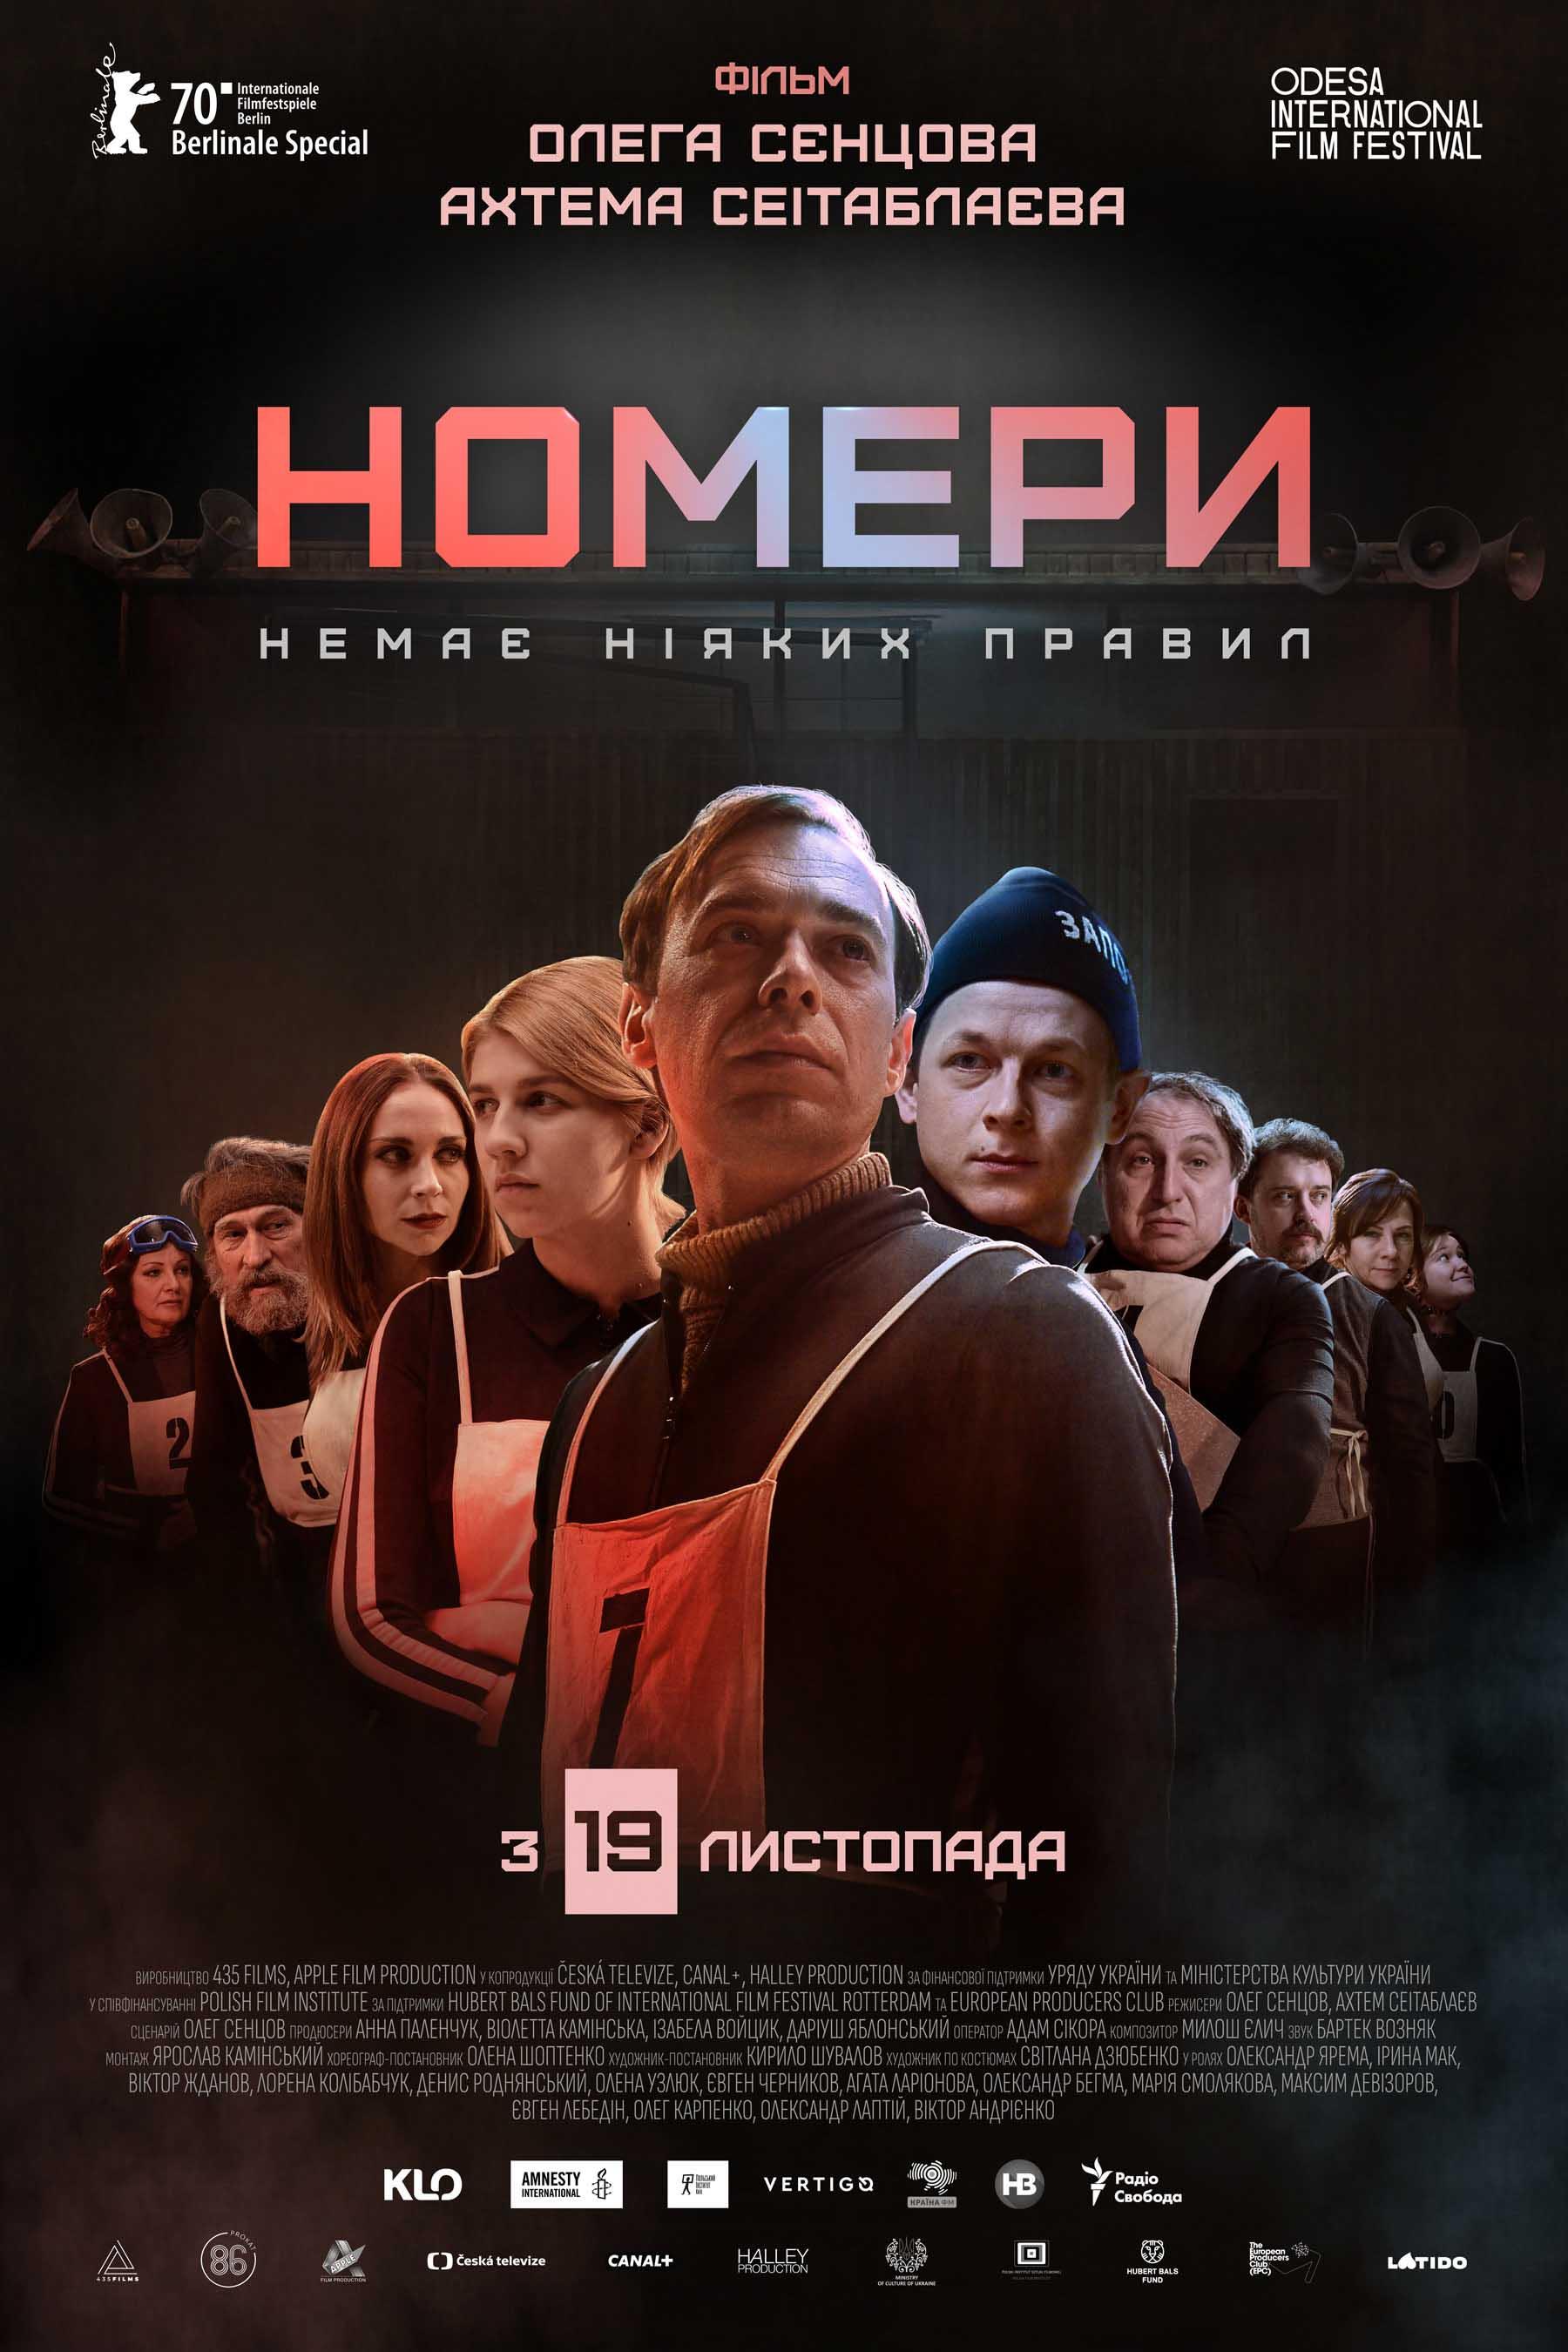 У Франківську відбудеться допрем'єрний показ фільму за п'єсою Олега Сенцова (ТРЕЙЛЕР)